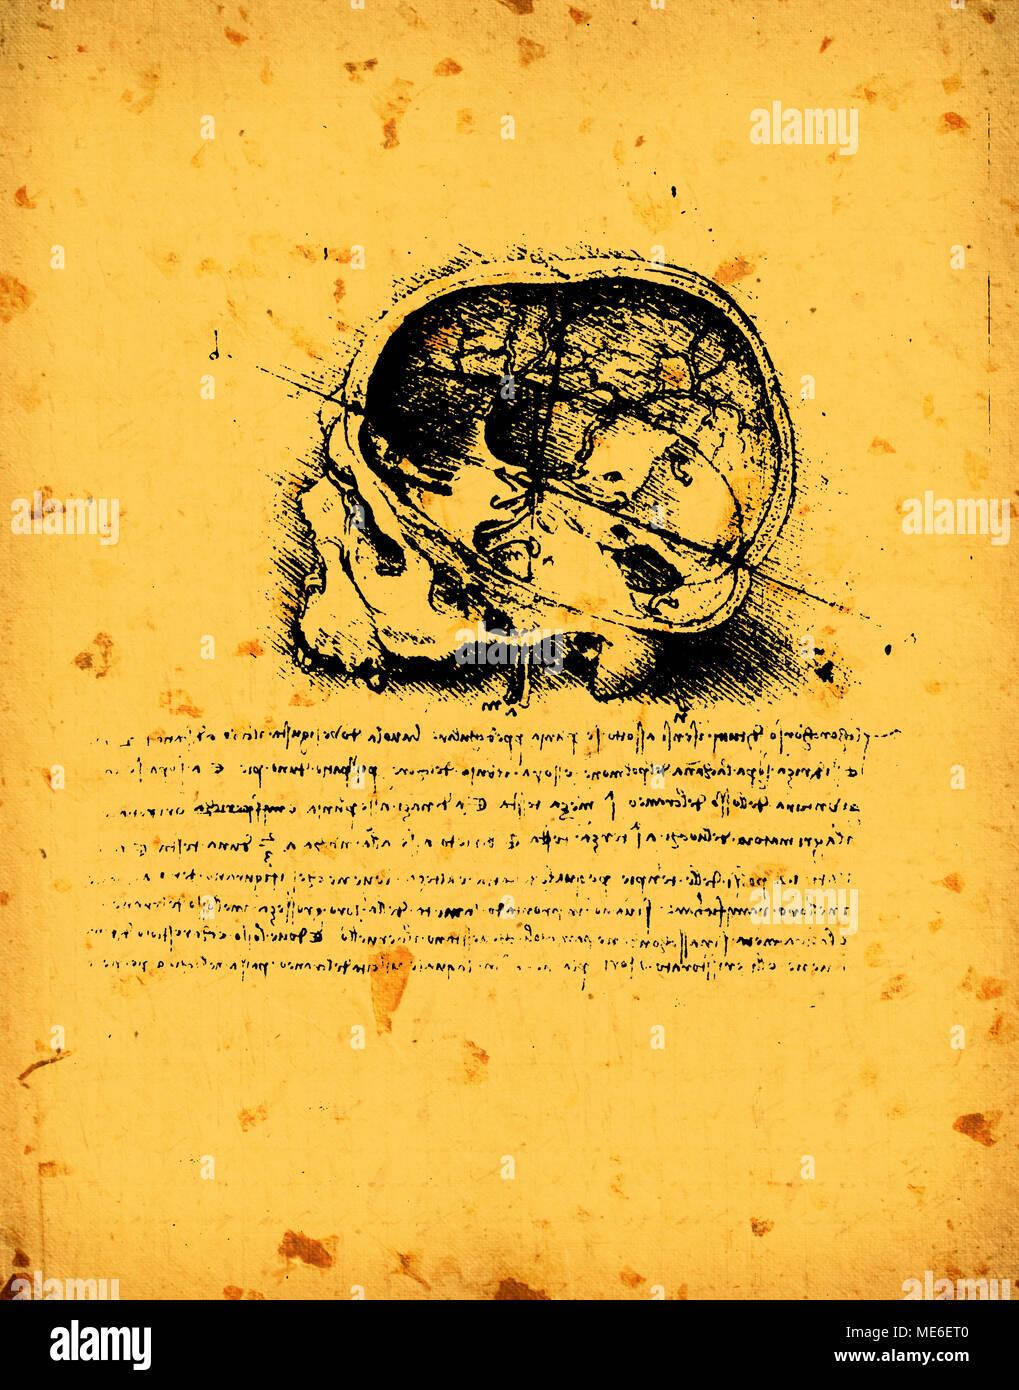 Anatomie-Kunst von Leonardo Da Vinci aus dem Jahr 1492 auf ...